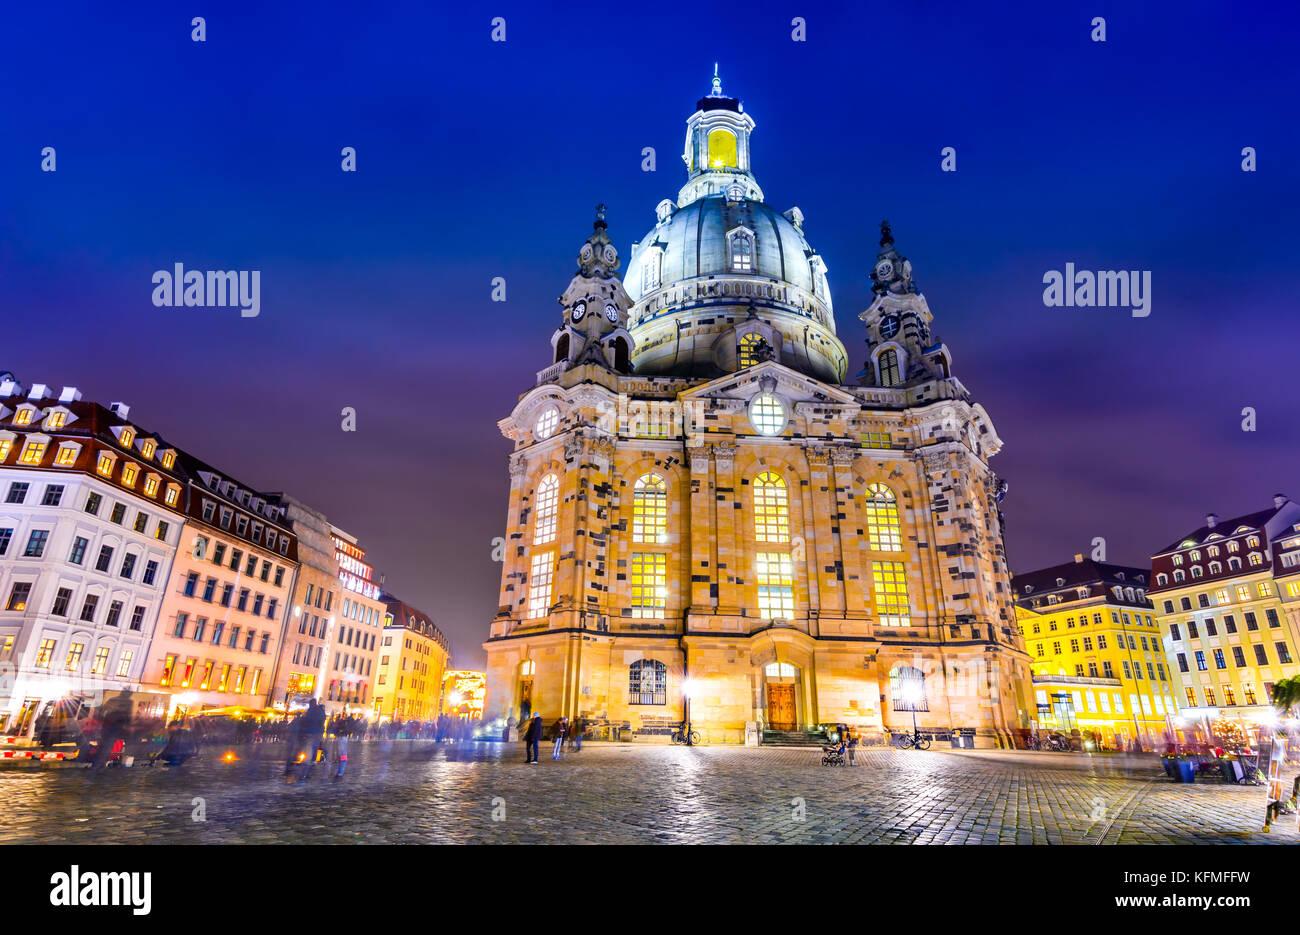 Dresden, Alemania. Frauenkirche, la ciudad de Dresda, centro histórico y cultural del Estado Libre de Sajonia Imagen De Stock